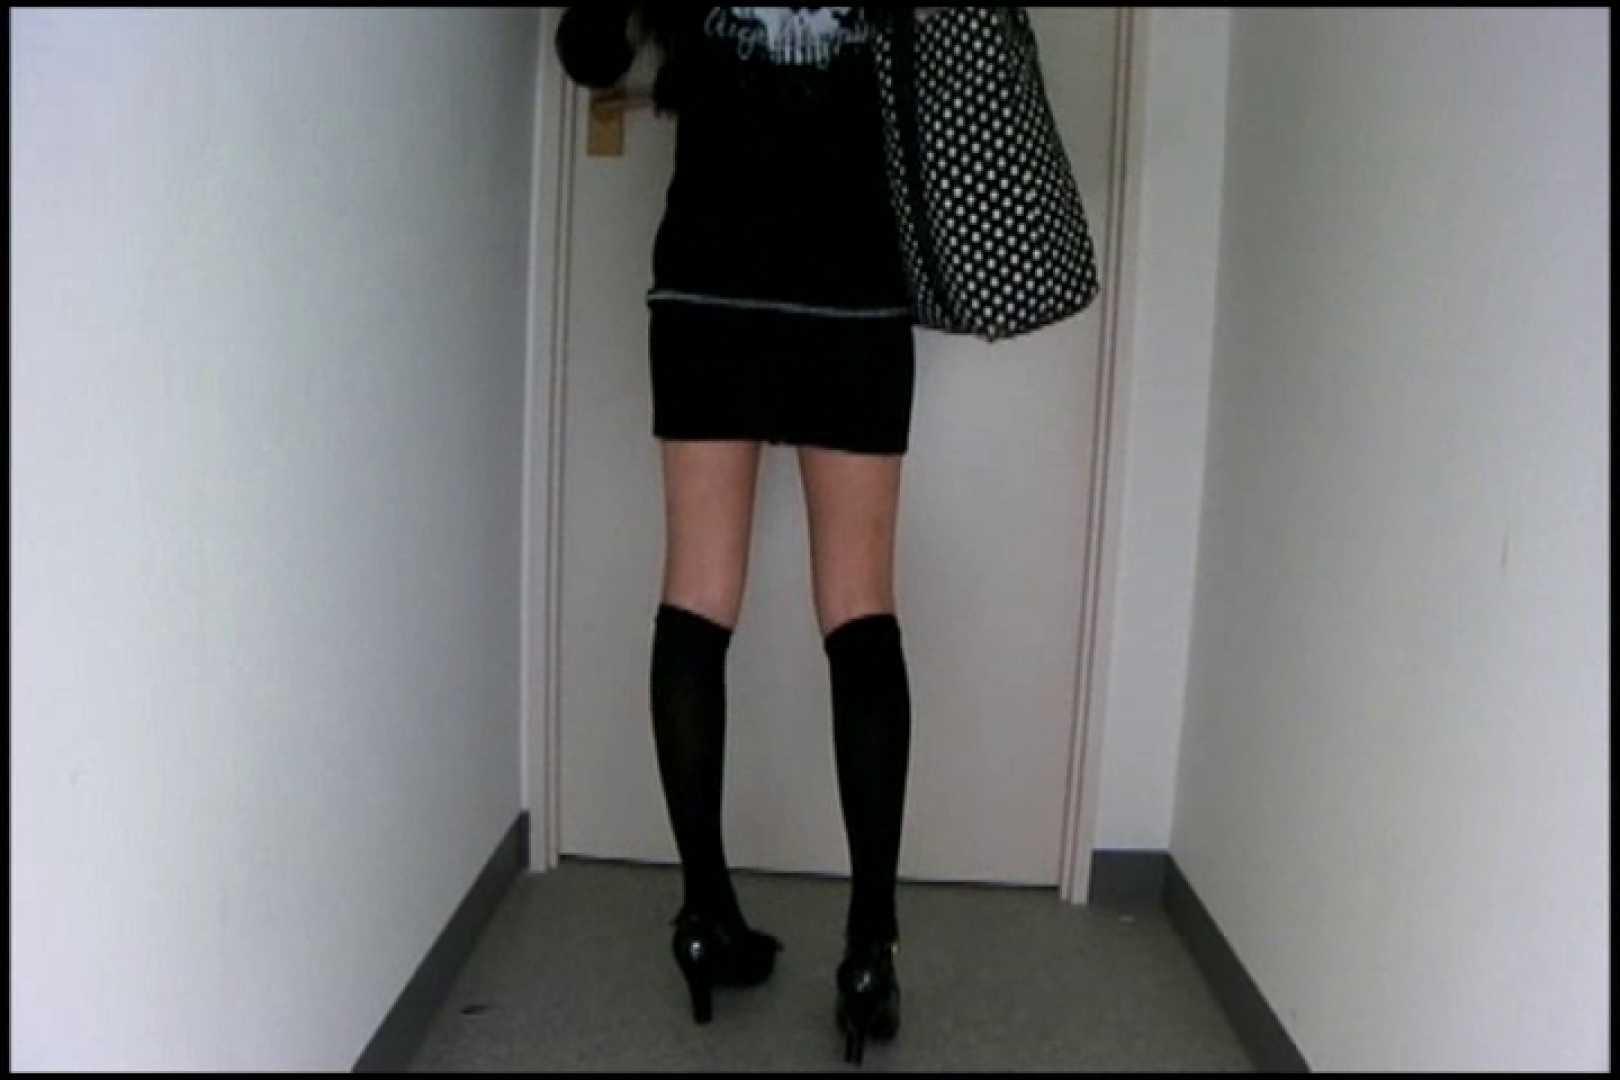 和式にまたがる女たちを待ちうけるカメラの衝撃映像vol.04 盗撮 オマンコ動画キャプチャ 58画像 15